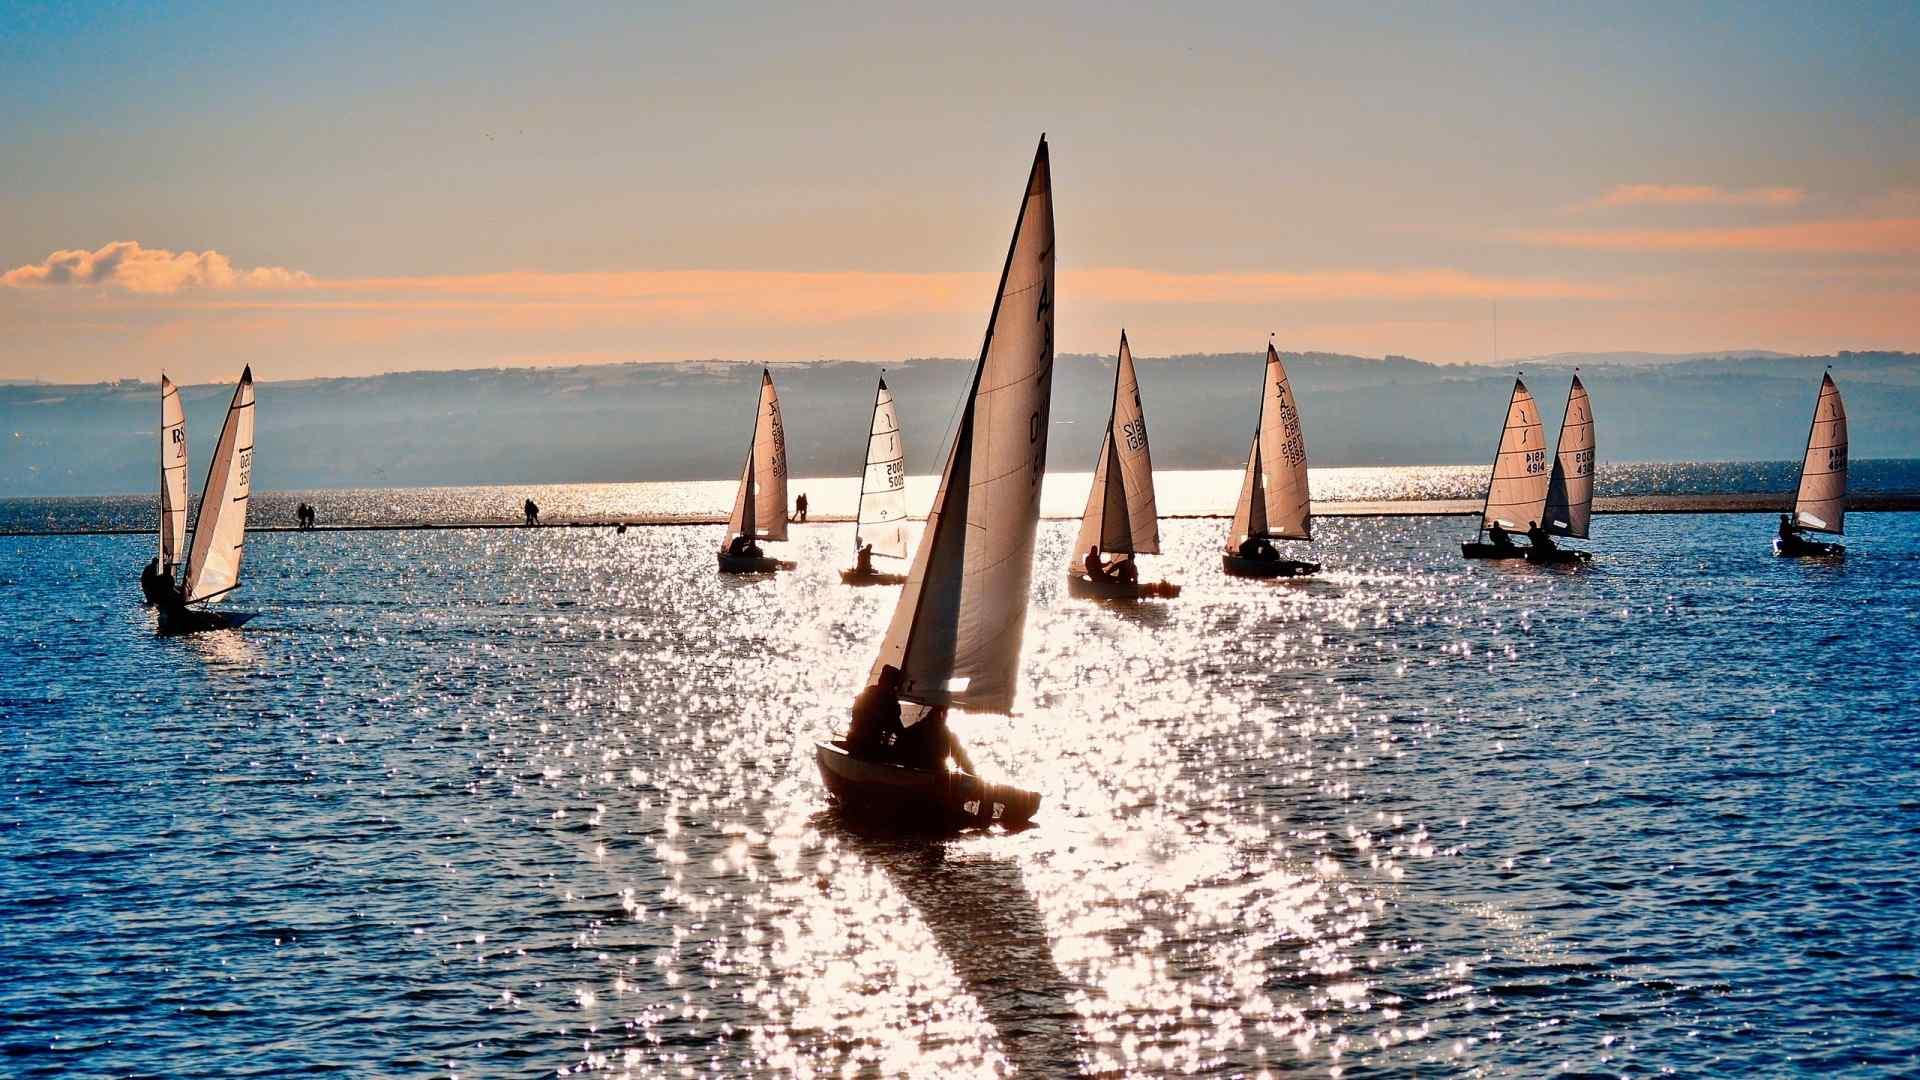 海边帆船摄影图片高清桌面壁纸